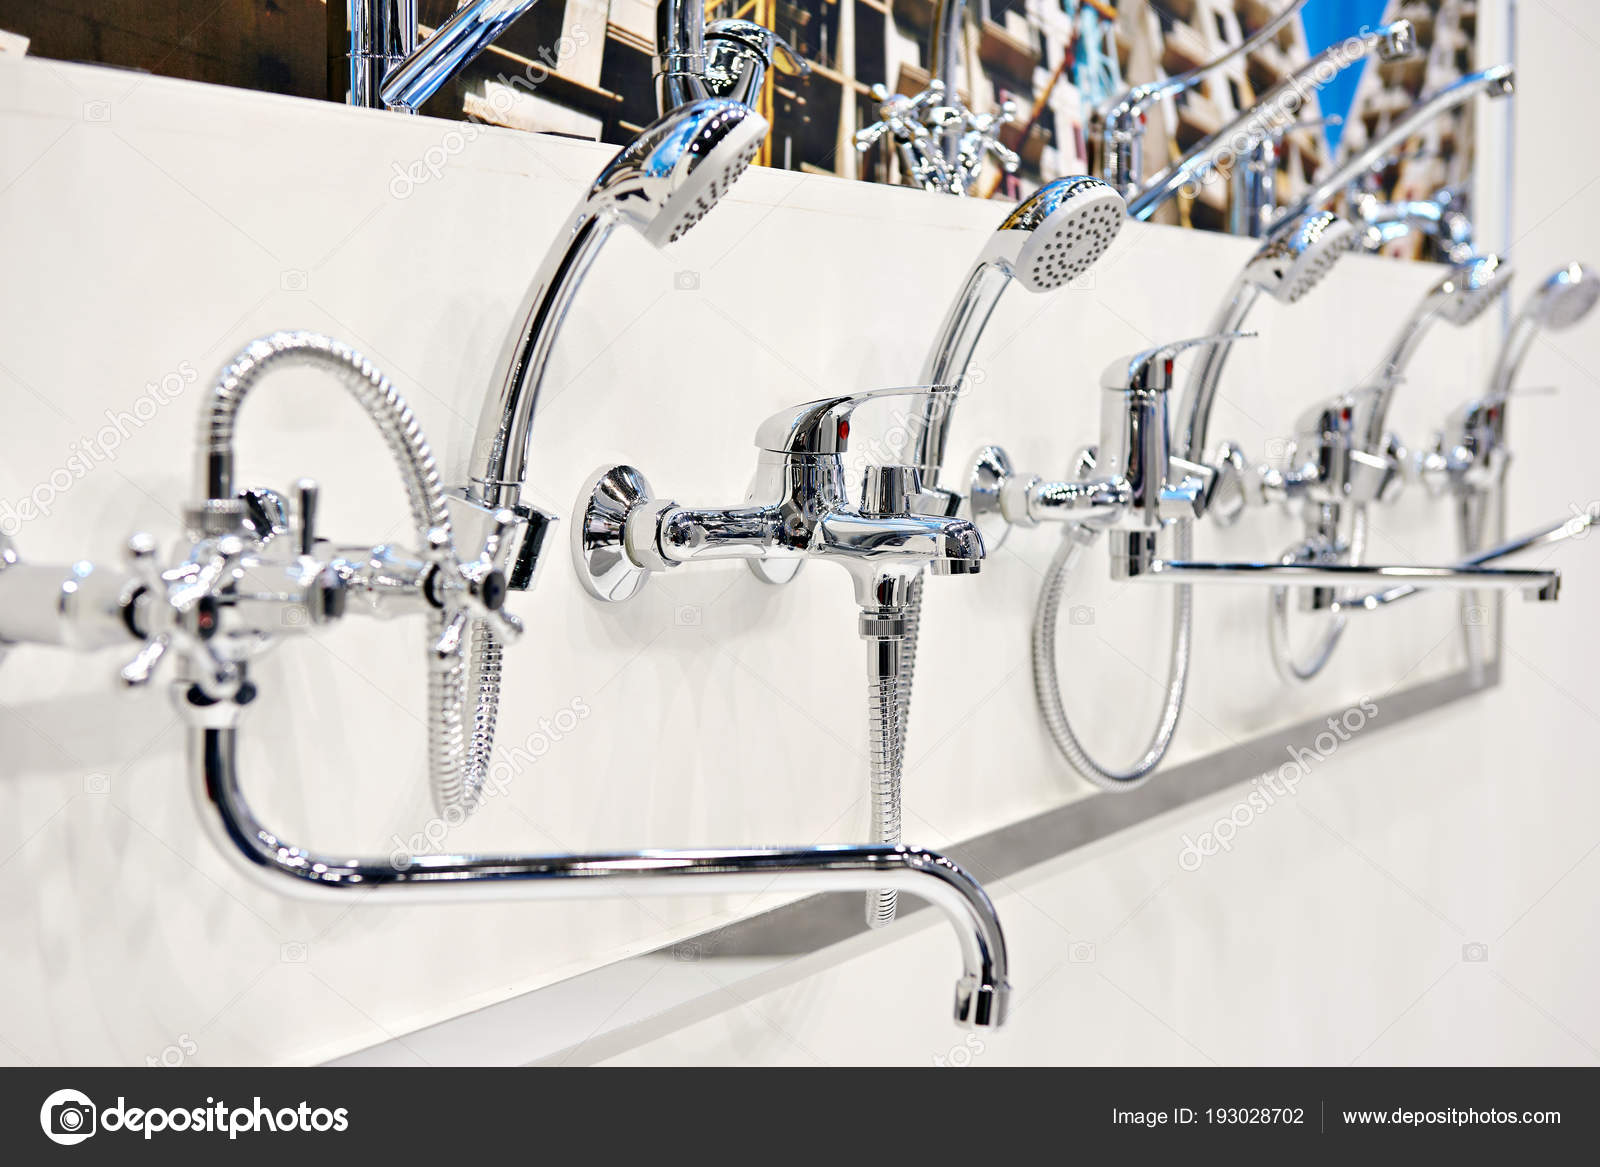 Rubinetti miscelatori per doccia nellarchivio u2014 foto stock © ryzhov